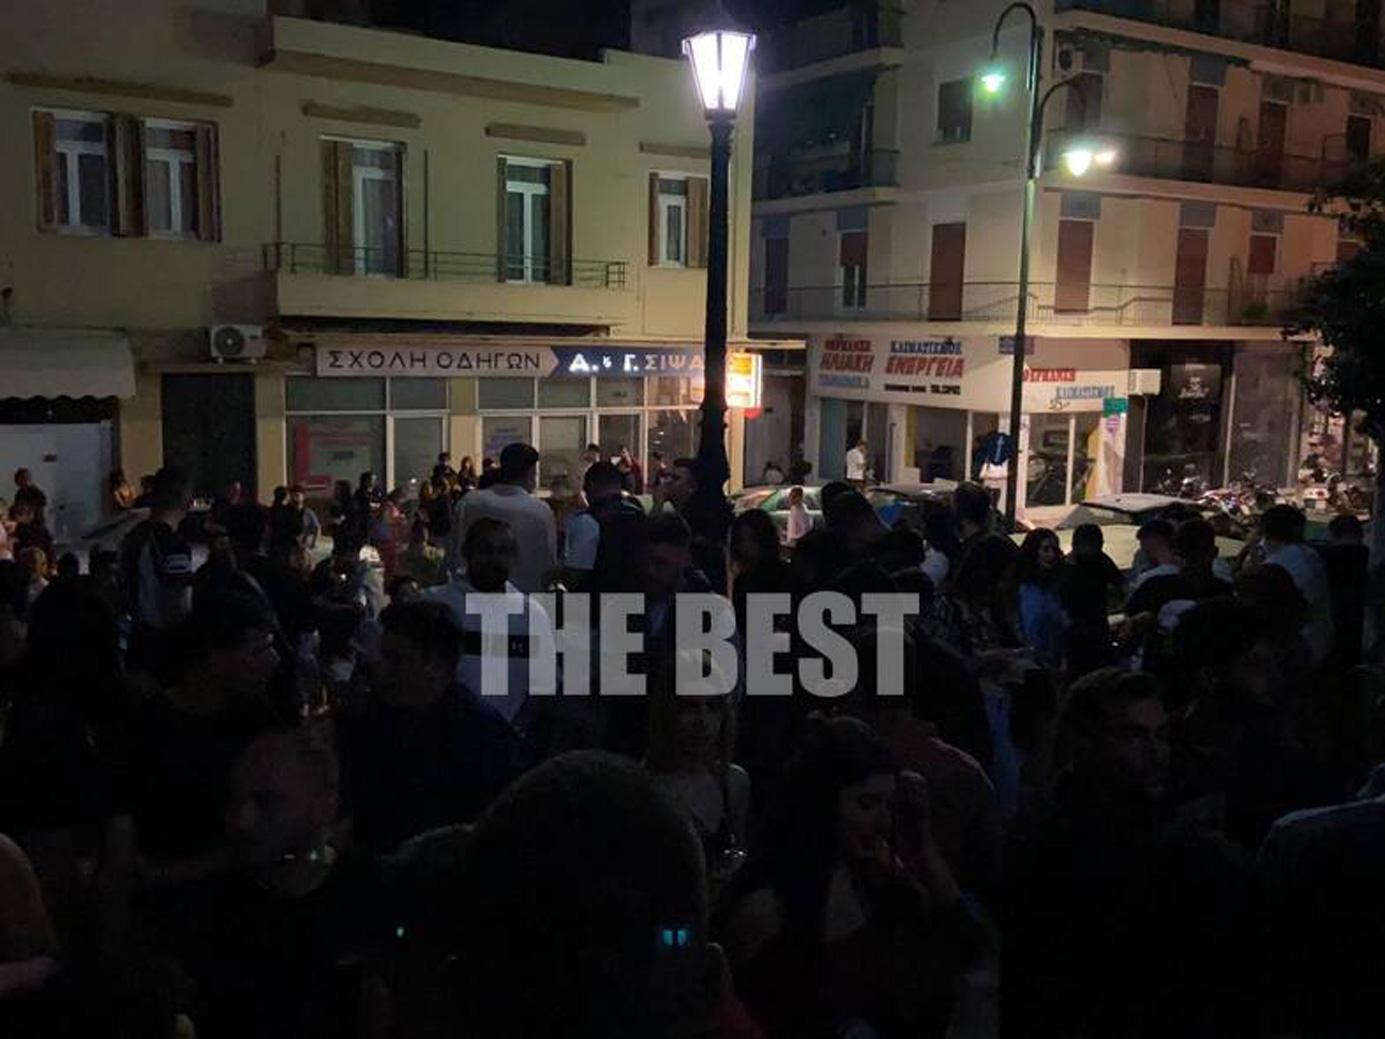 «Παράνοια» στην Πάτρα: Έκλεισαν τα μαγαζιά, γέμισαν… τα σκαλιά – Έπιναν και τραγουδούσαν α καπέλα